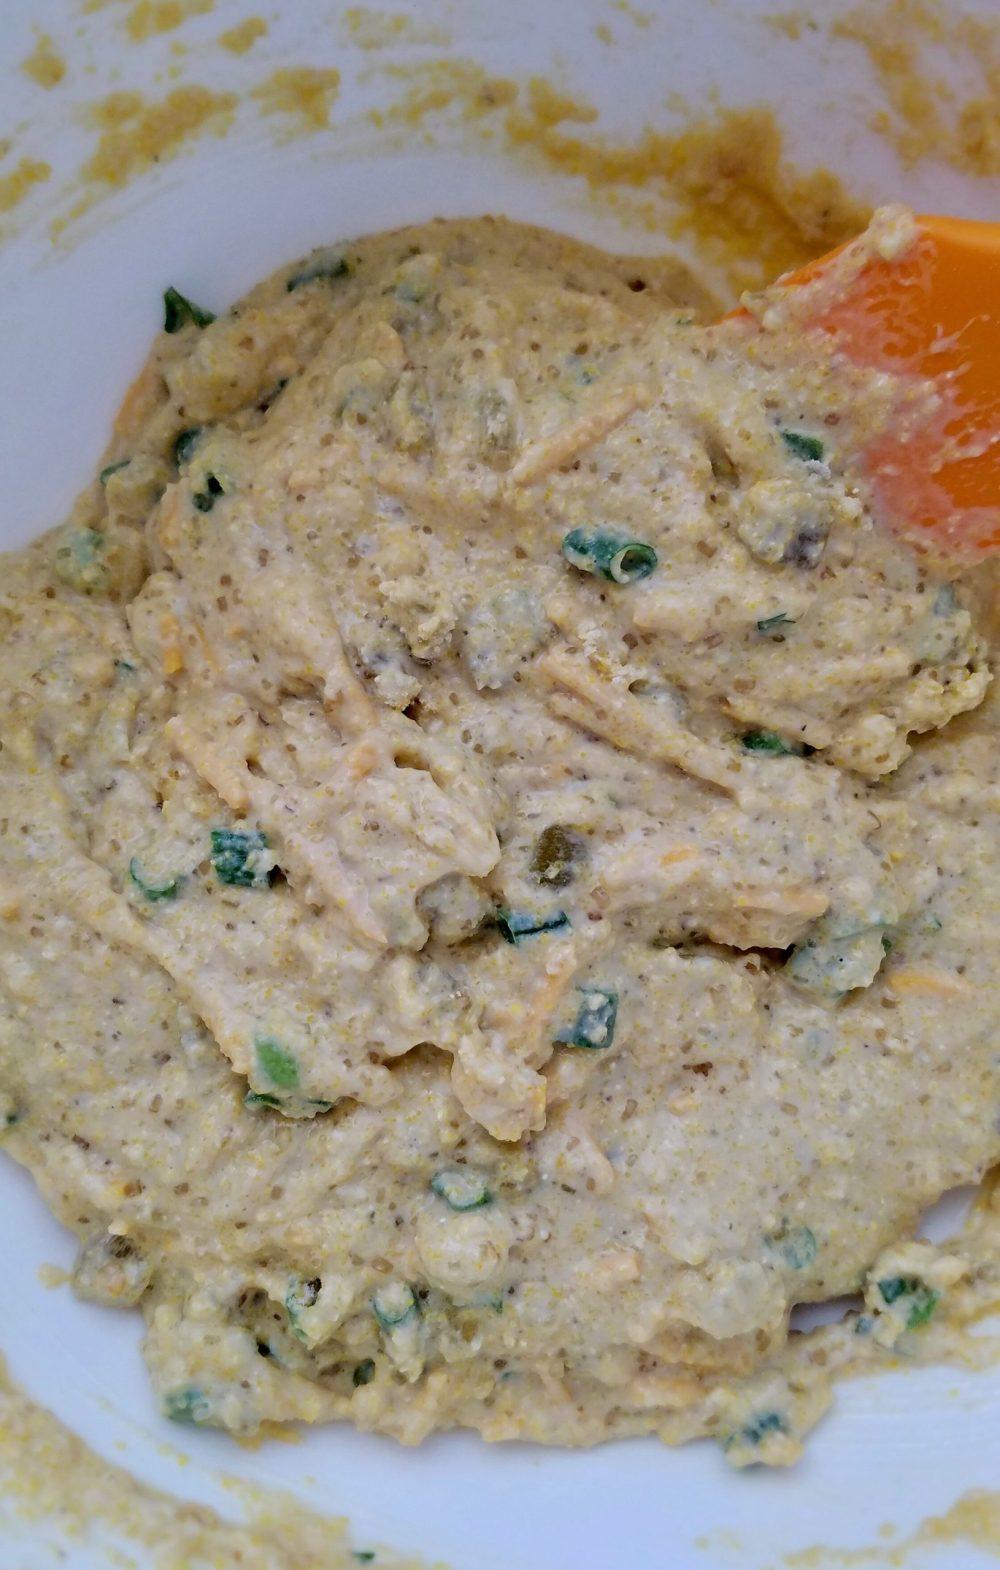 Vegan Cornbread Casserole Recipe